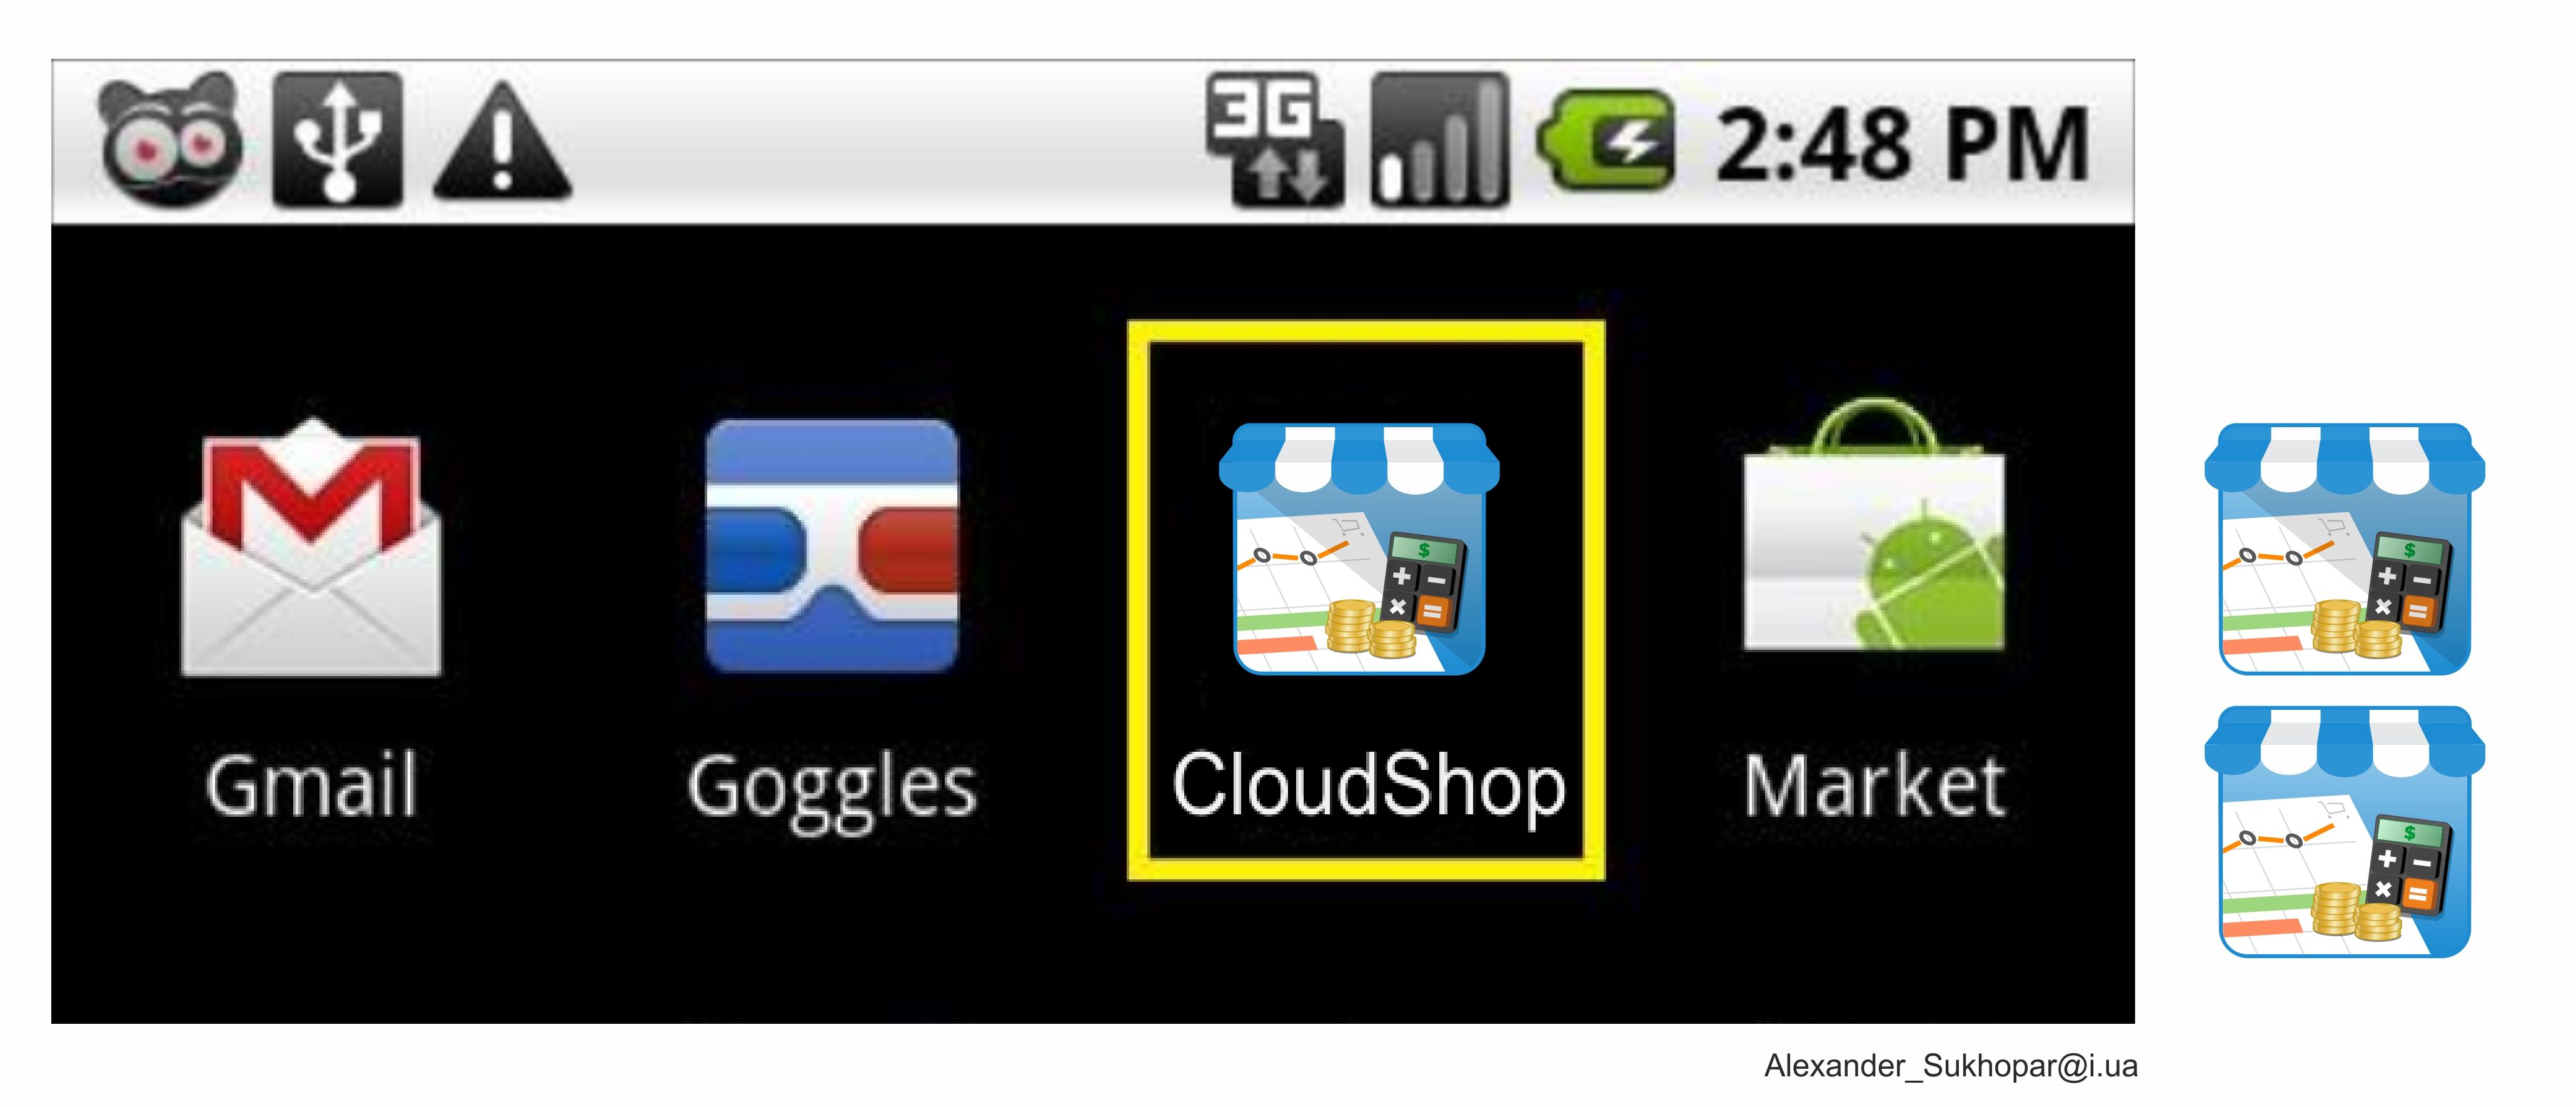 Иконка для приложения CloudShop (1 место)